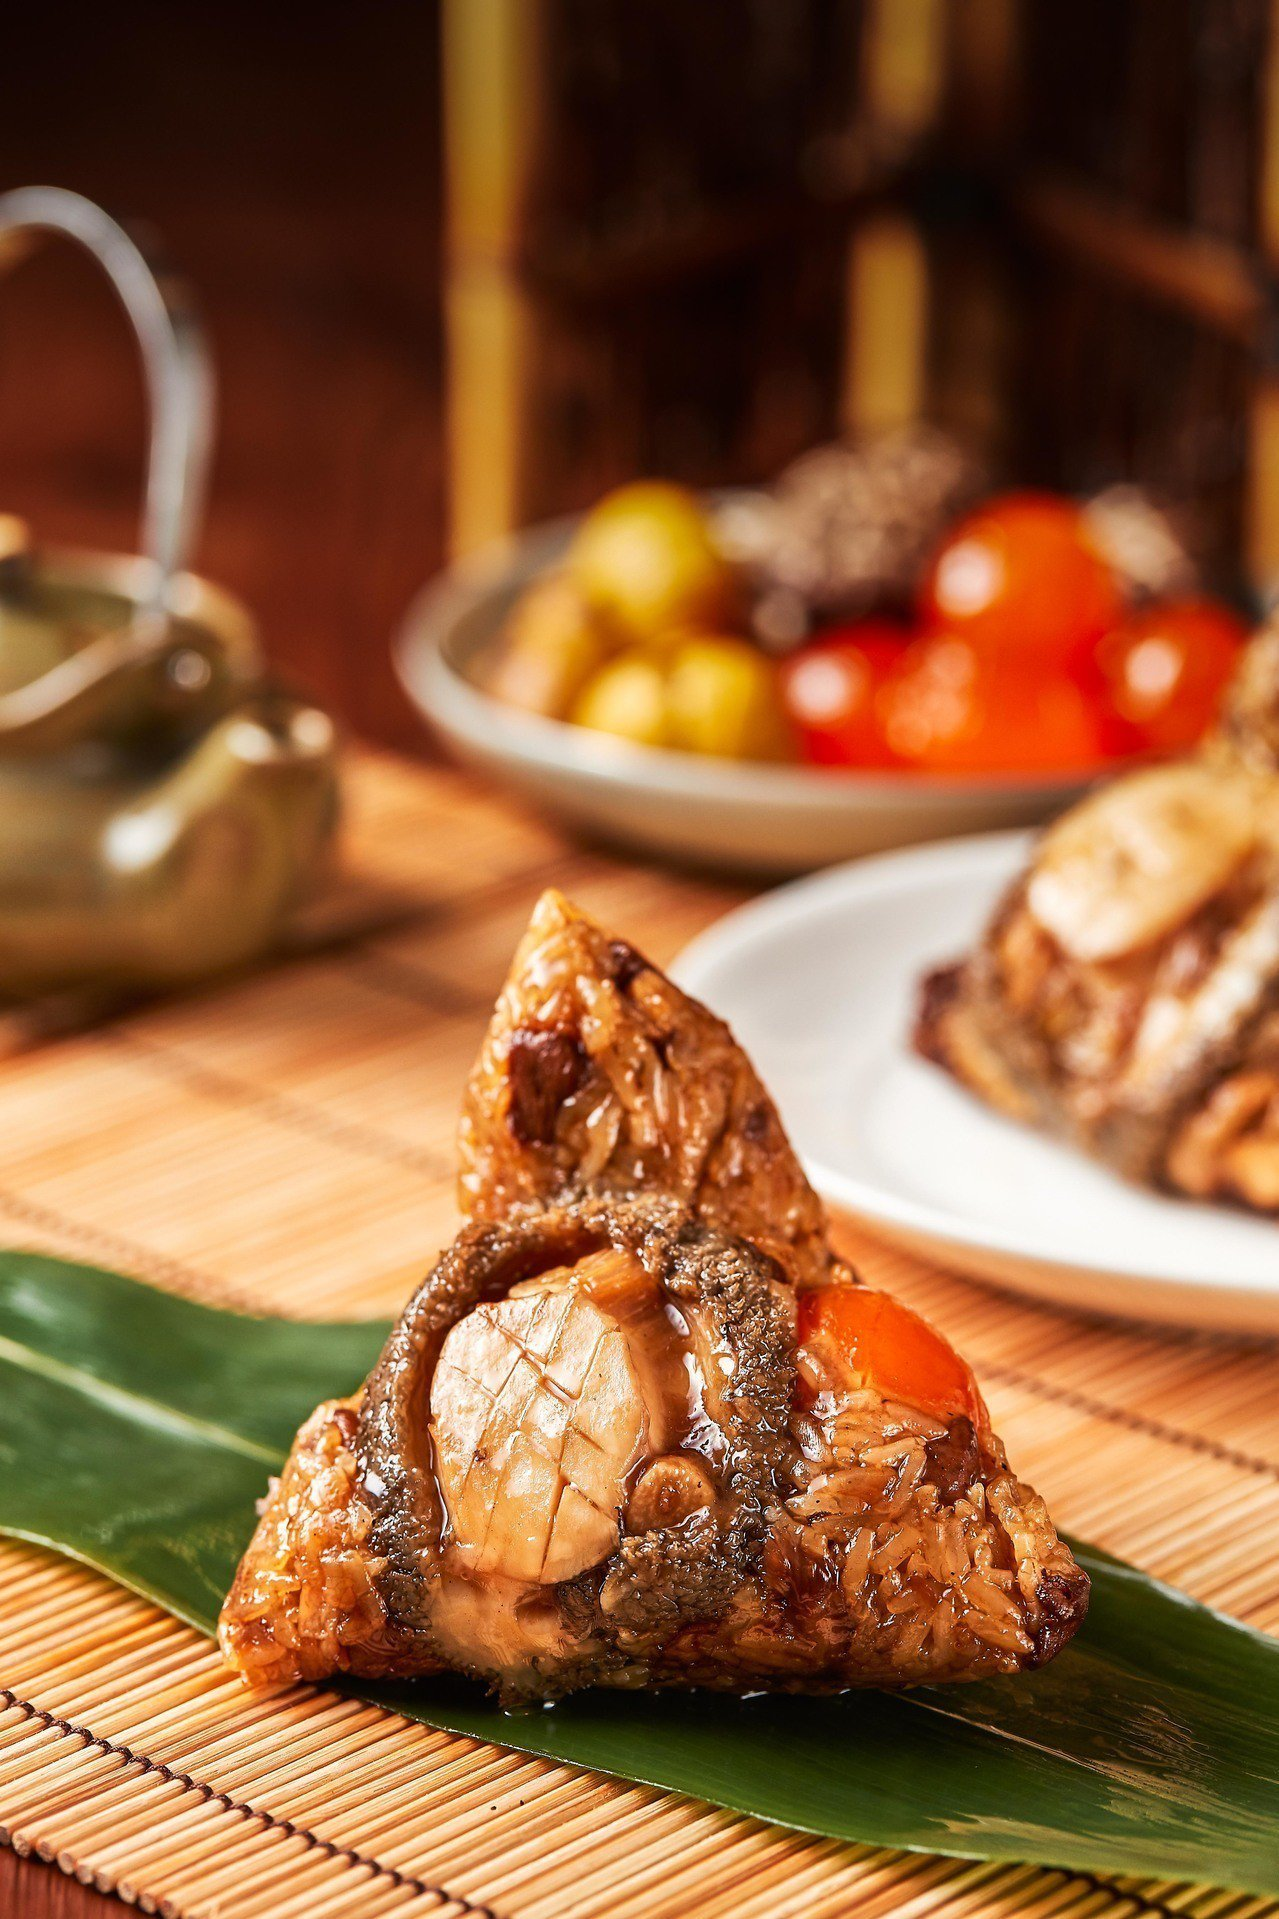 台北西華飯店2019端午粽禮「牛肝蕈鮑魚粽」。西華飯店/提供